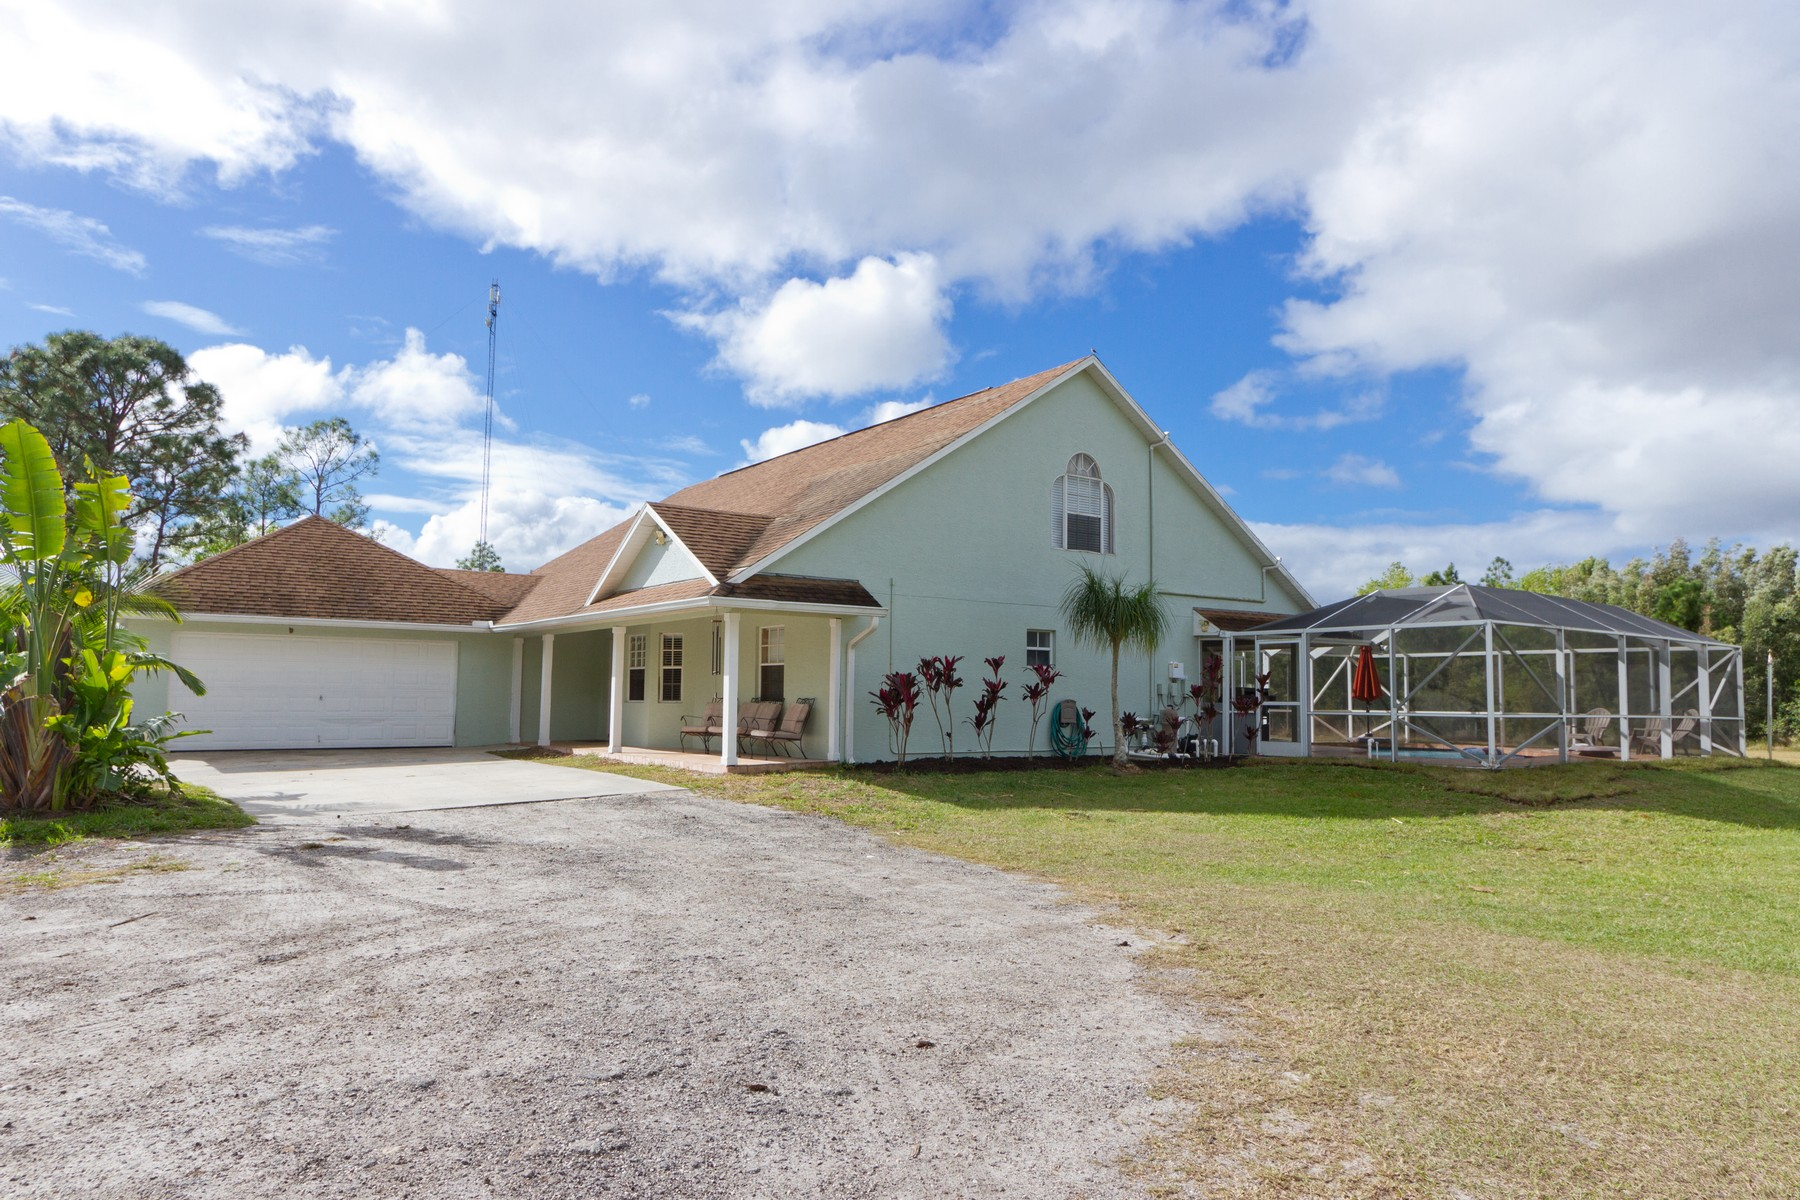 단독 가정 주택 용 매매 에 5 Acre- Waterfront Home 12925 79th Street Fellsmere, 플로리다, 32948 미국